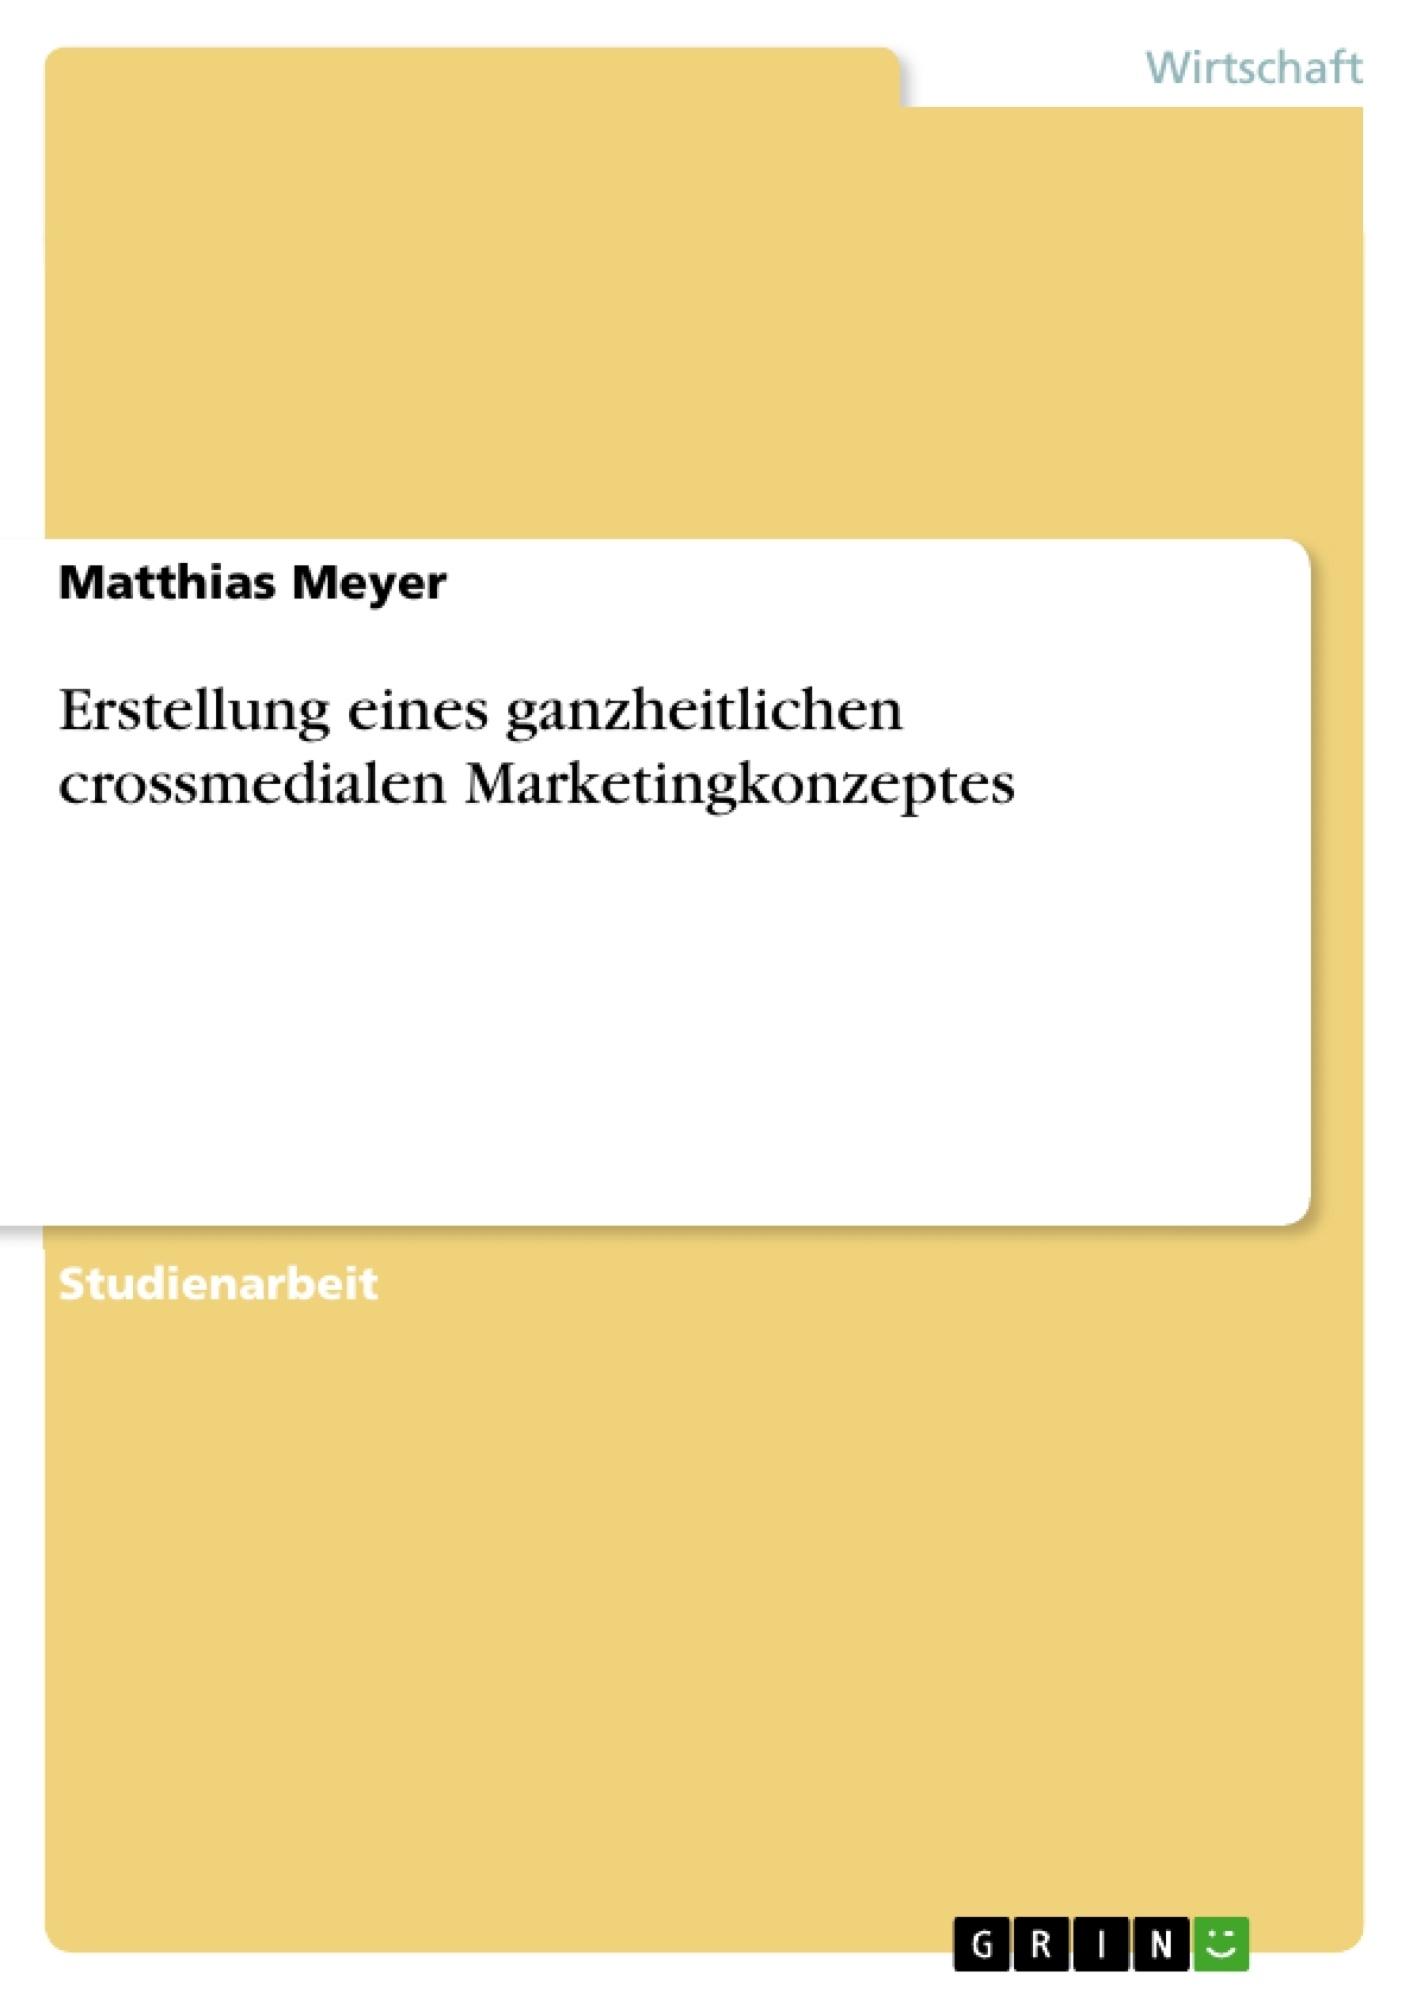 Titel: Erstellung eines ganzheitlichen crossmedialen Marketingkonzeptes